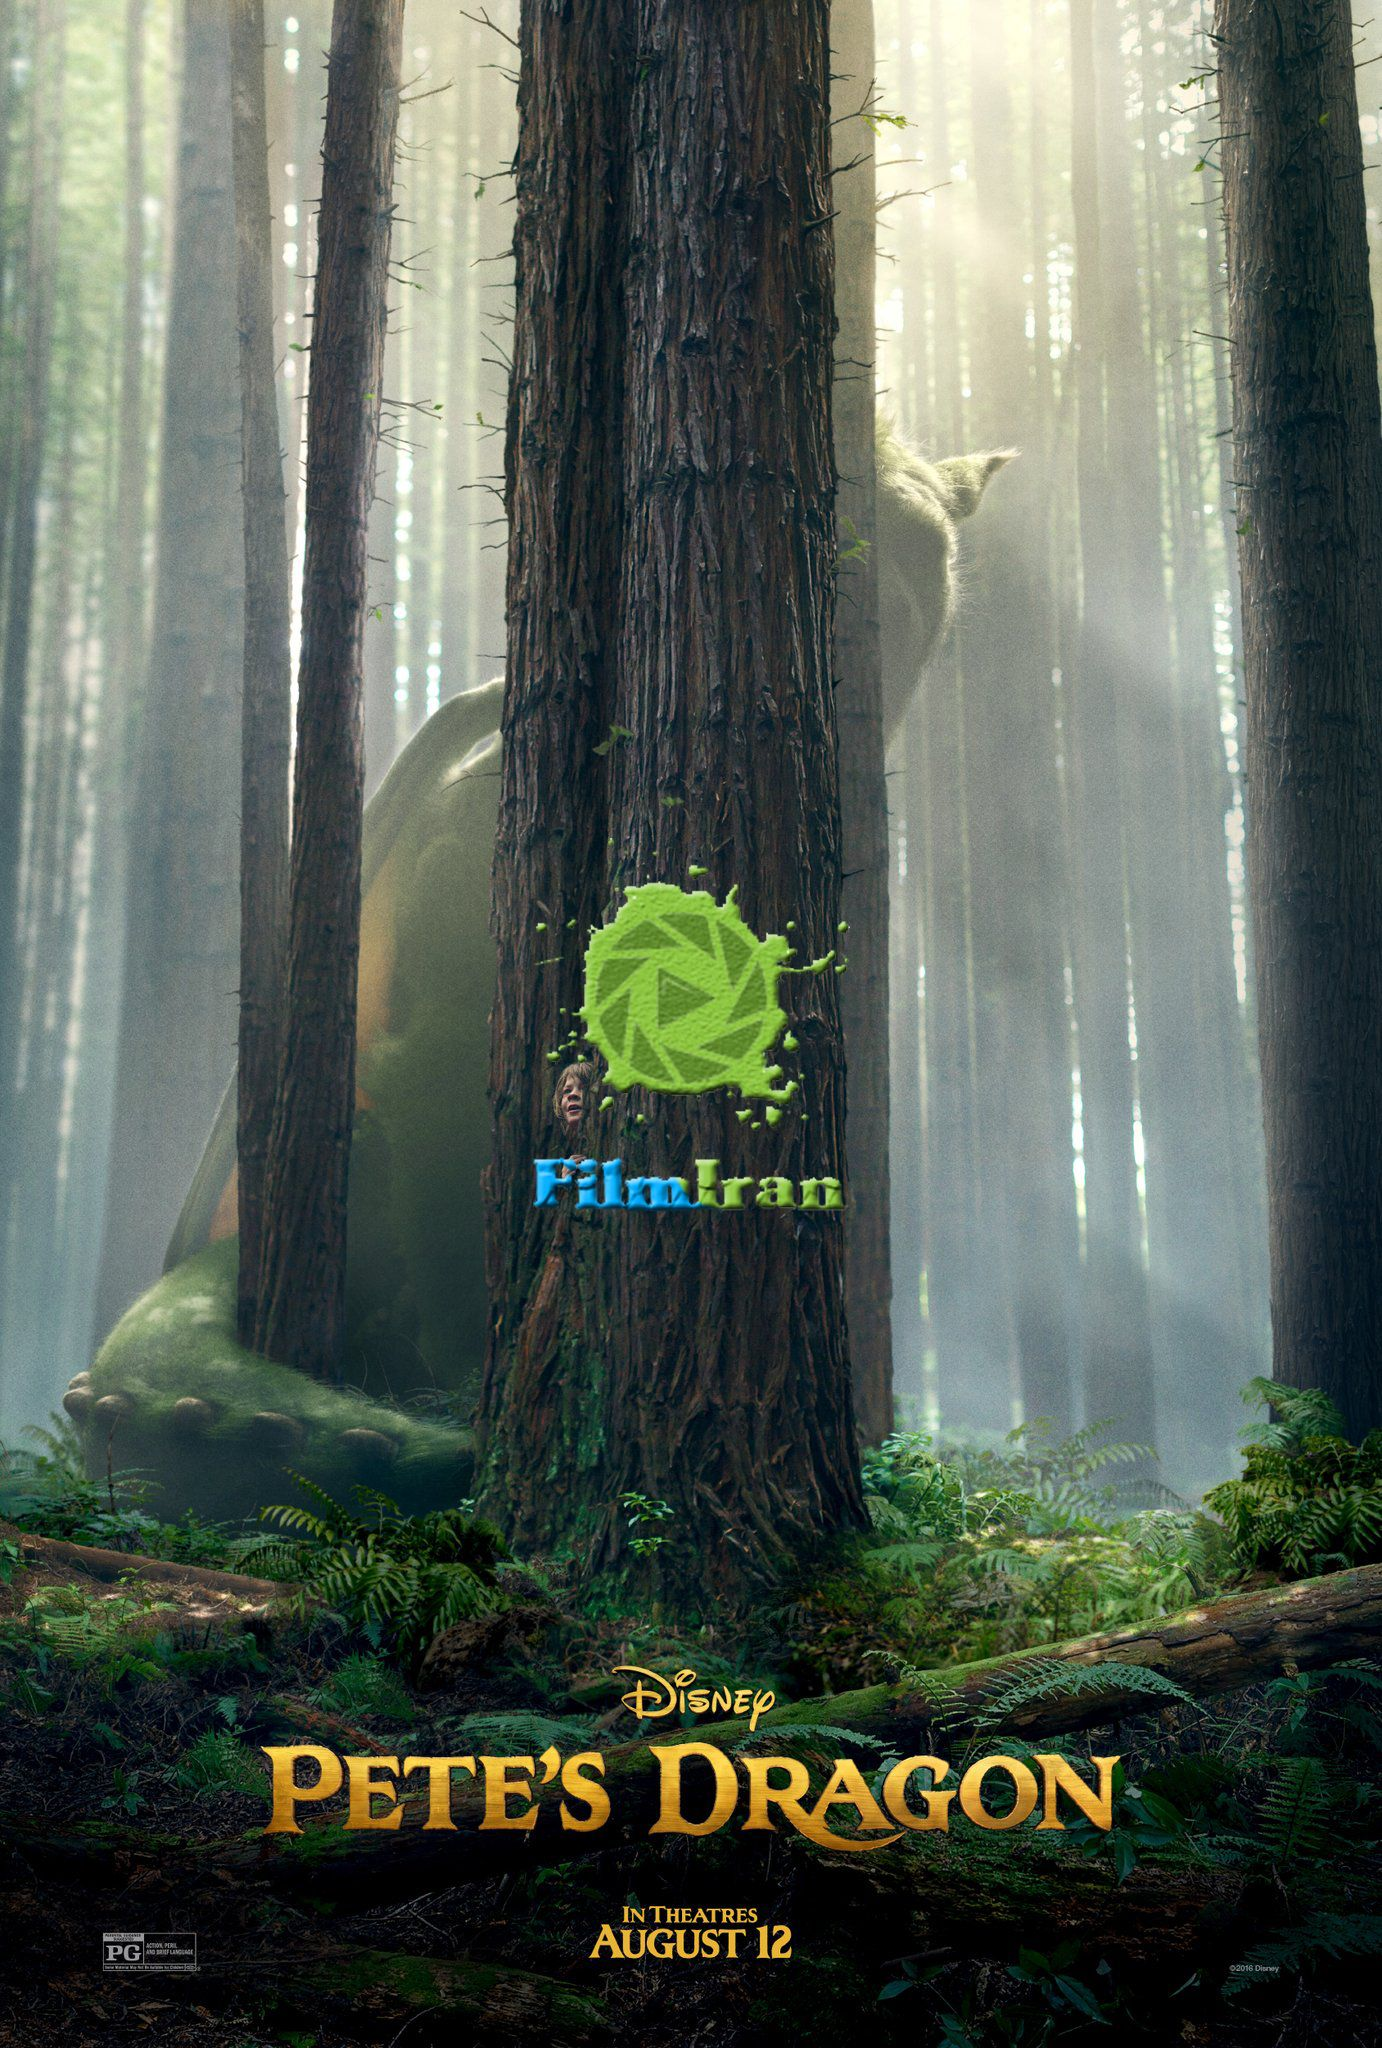 #دانلود #زیرنویس #فارسی #فیلم #اژدهای_پیت #Petes_Dragon 2016 به همراه خلاصه و داستان فیلم مناسب برای تمام ورژن ها، تمام نسخهها در صورت انتشار قرار خواهد گرفت. #زیرنویس_فیلم_ایران #فیلم_ایران wWw.Filmiran.org #FilmIran